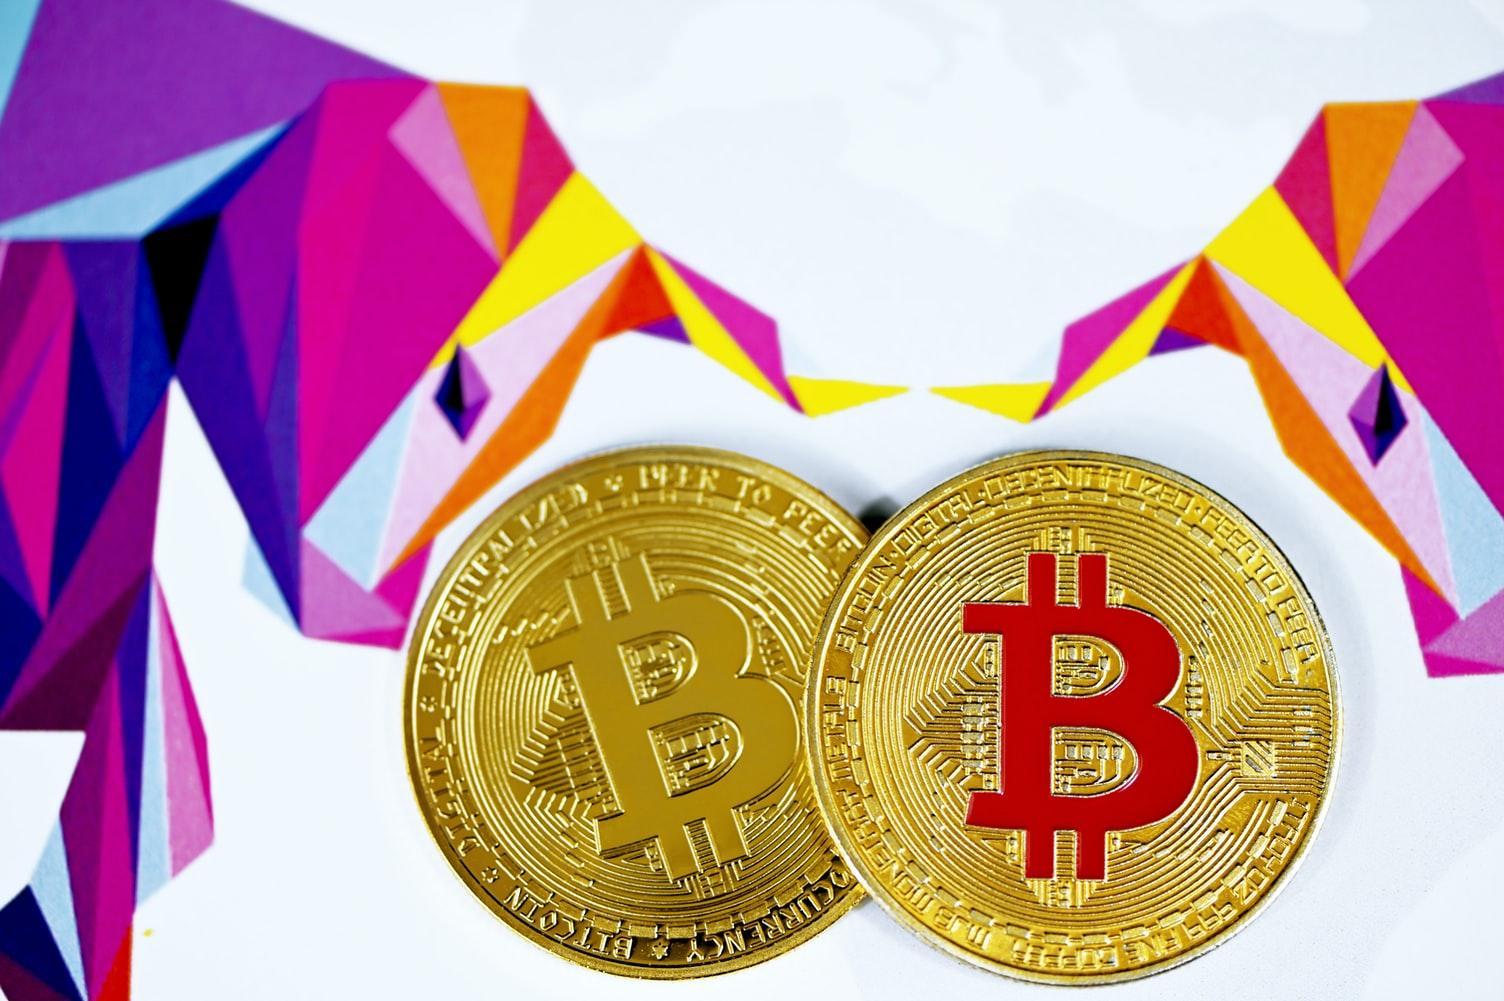 Le Bitcoin passe au dessus des 40 000 $ US